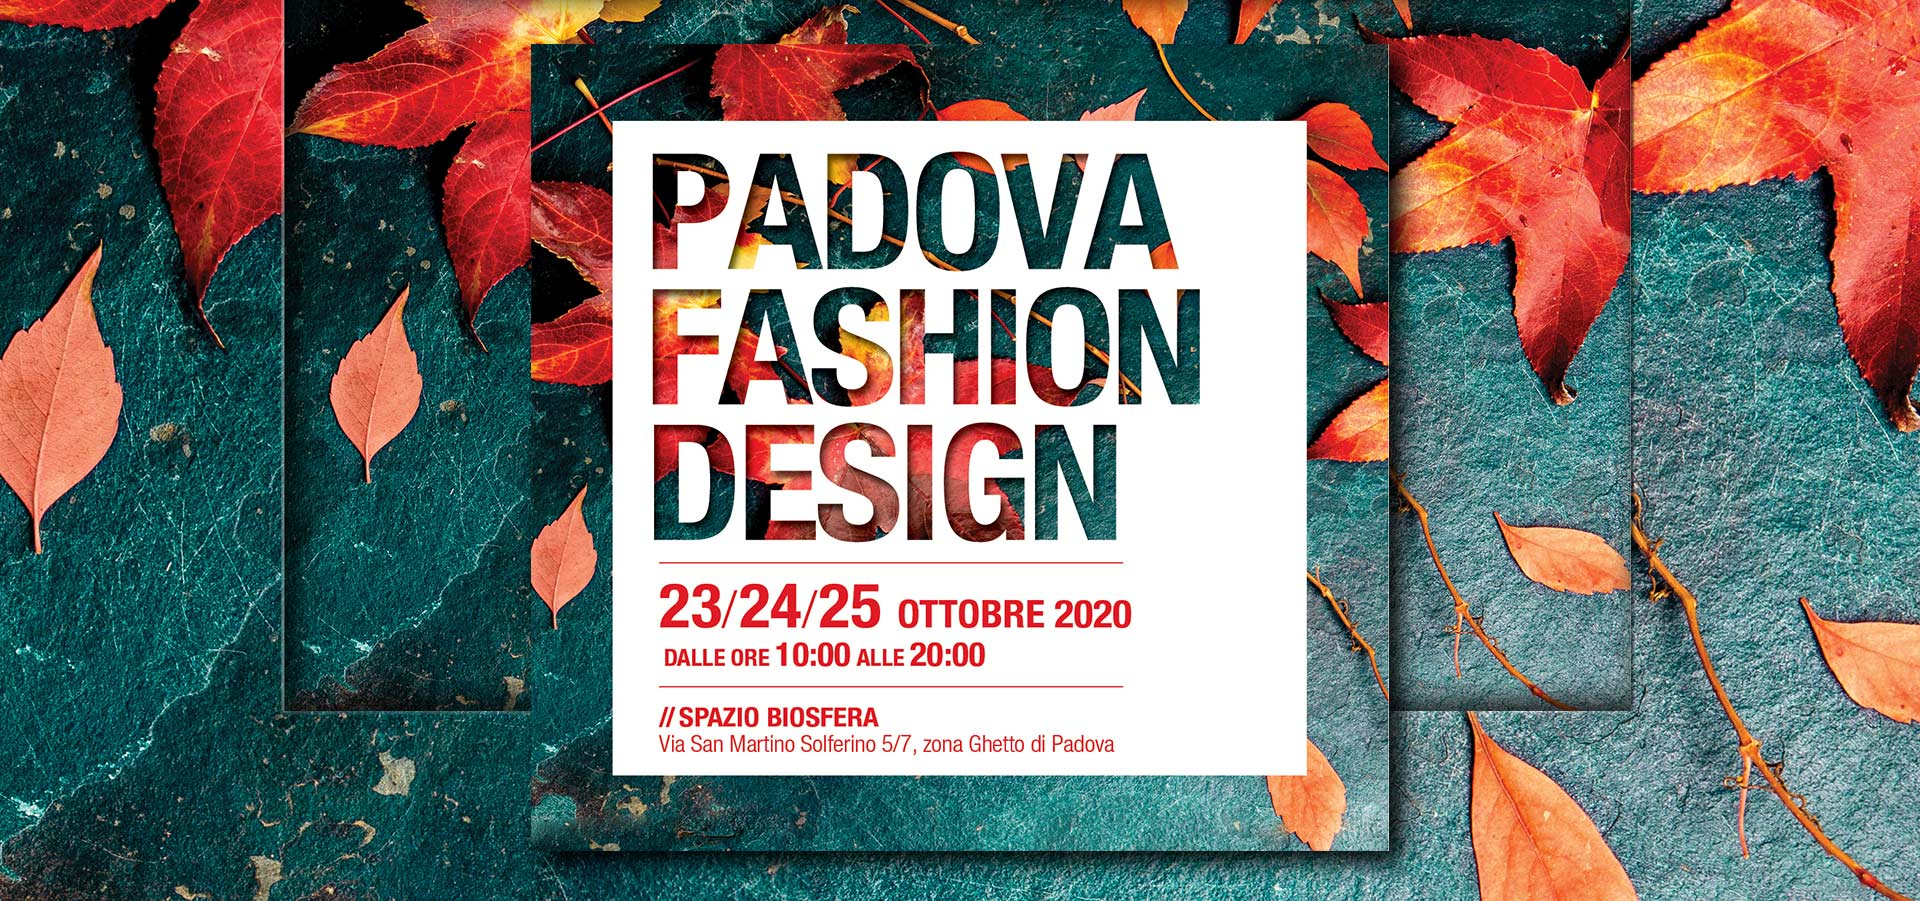 lk-lockers-orecchini-in-pelle-padova-fashion-design-ott-20